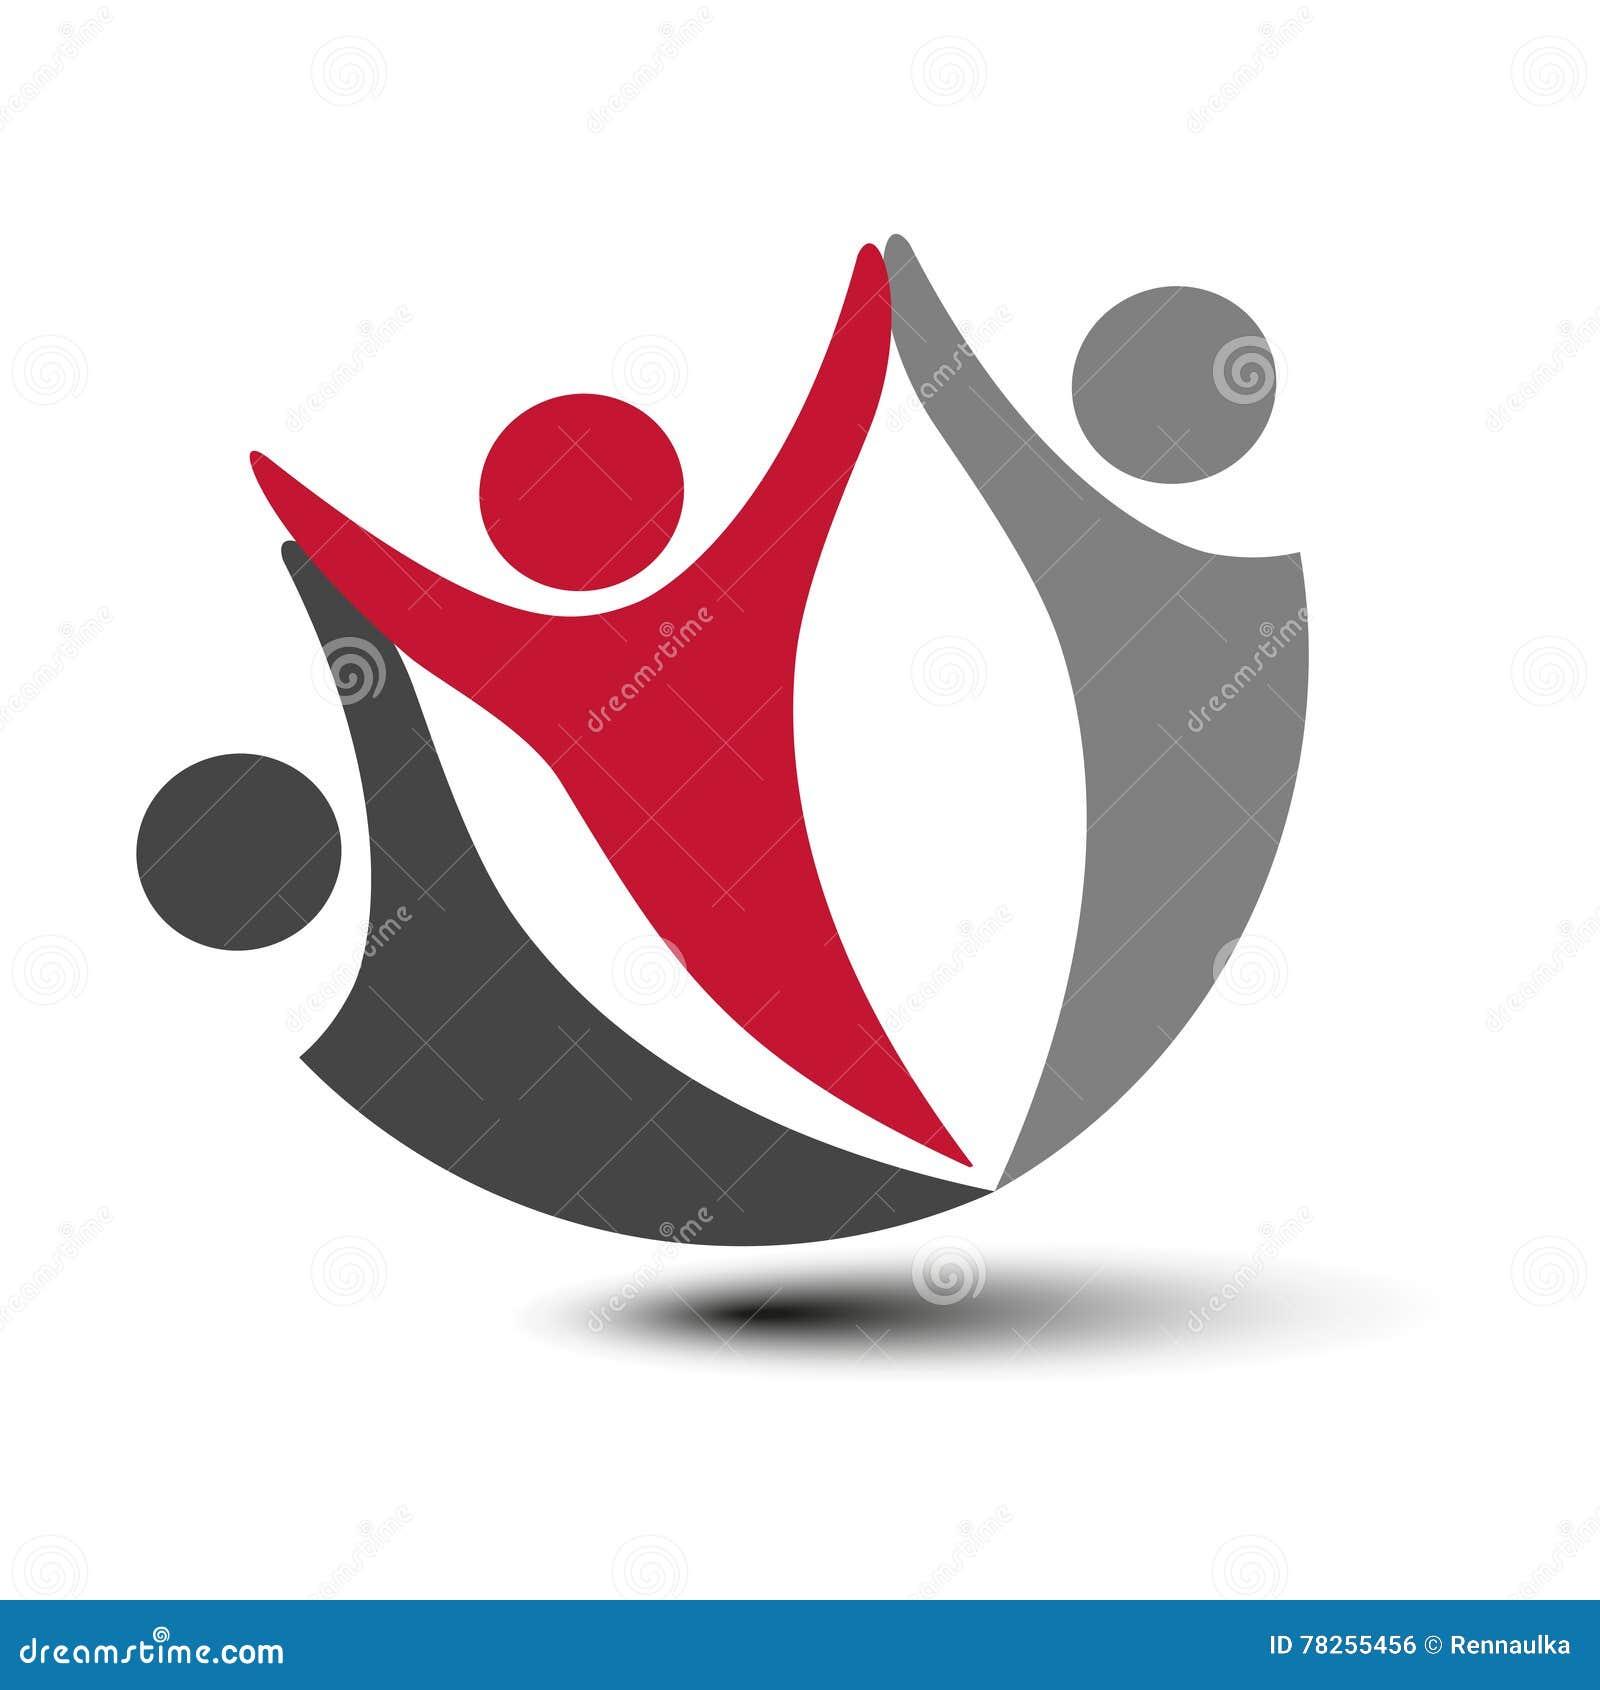 Μαζί ενωμένο εικονίδιο ανθρώπων Κόκκινο, γκρίζο και σκοτεινό γκρίζο κοινοτικό σύμβολο Ανθρώπινο σημάδι δύο συνεργατών Silhouttes